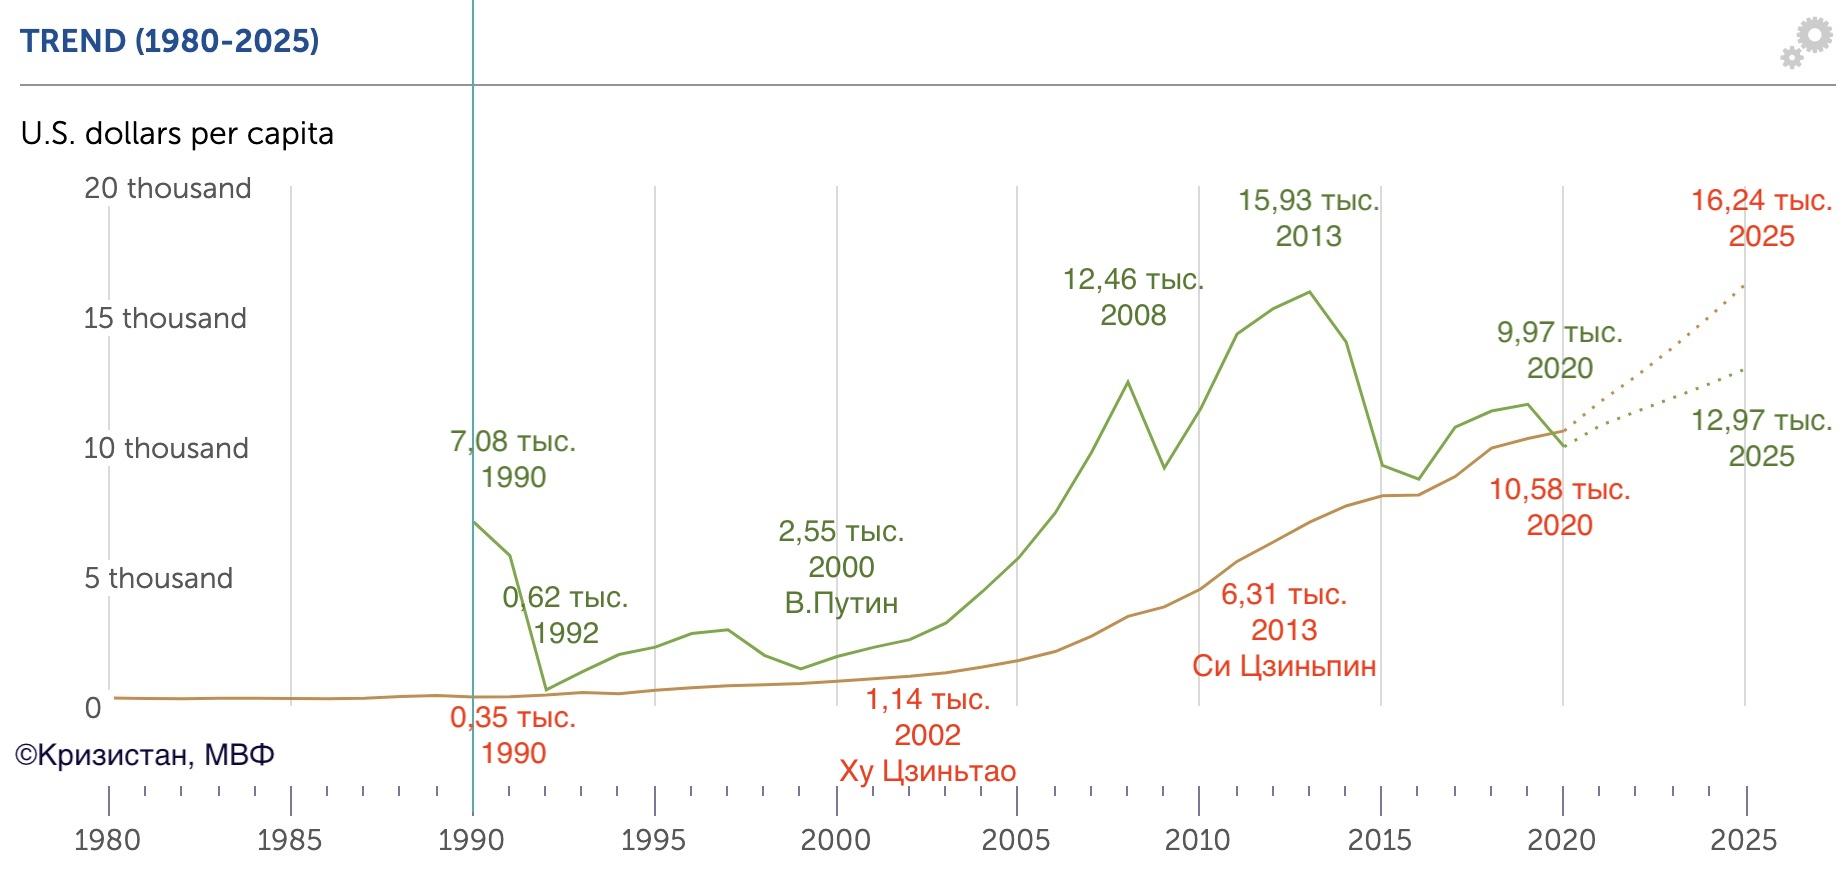 Сравнение ВВП на душу населения в Китае и России за 30 лет